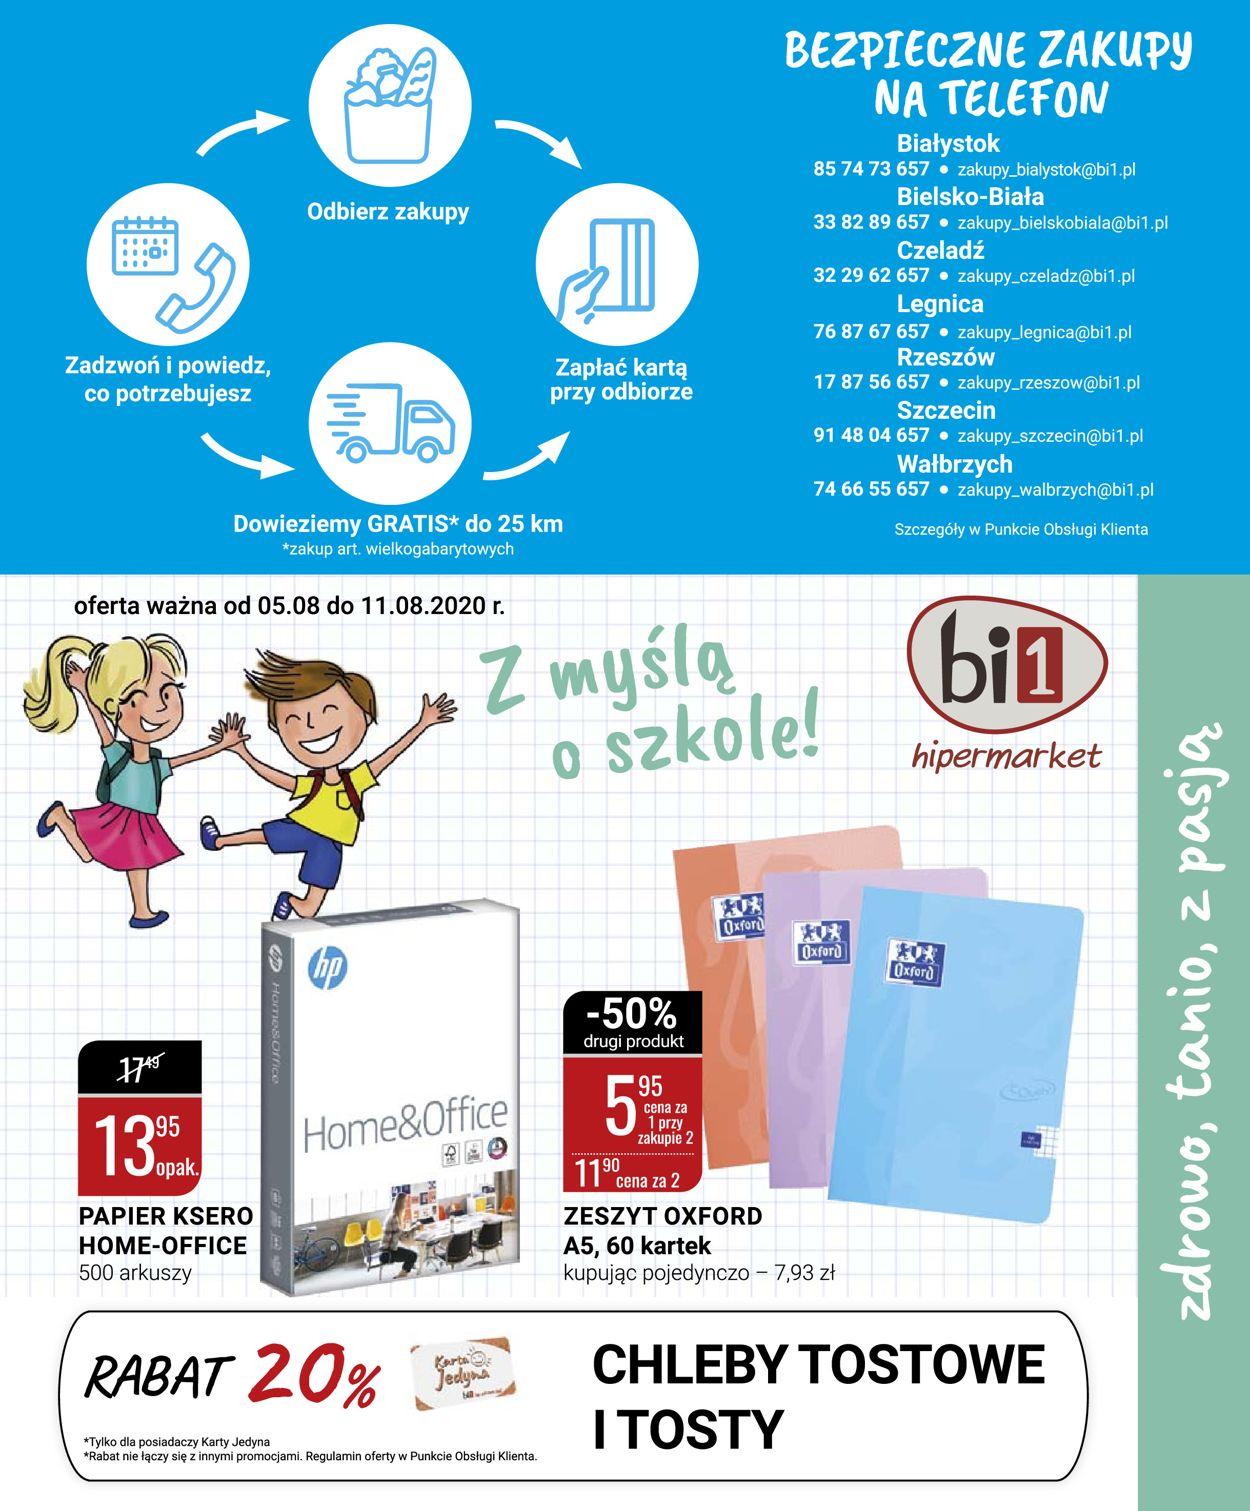 Gazetka promocyjna bi1 - 05.08-11.08.2020